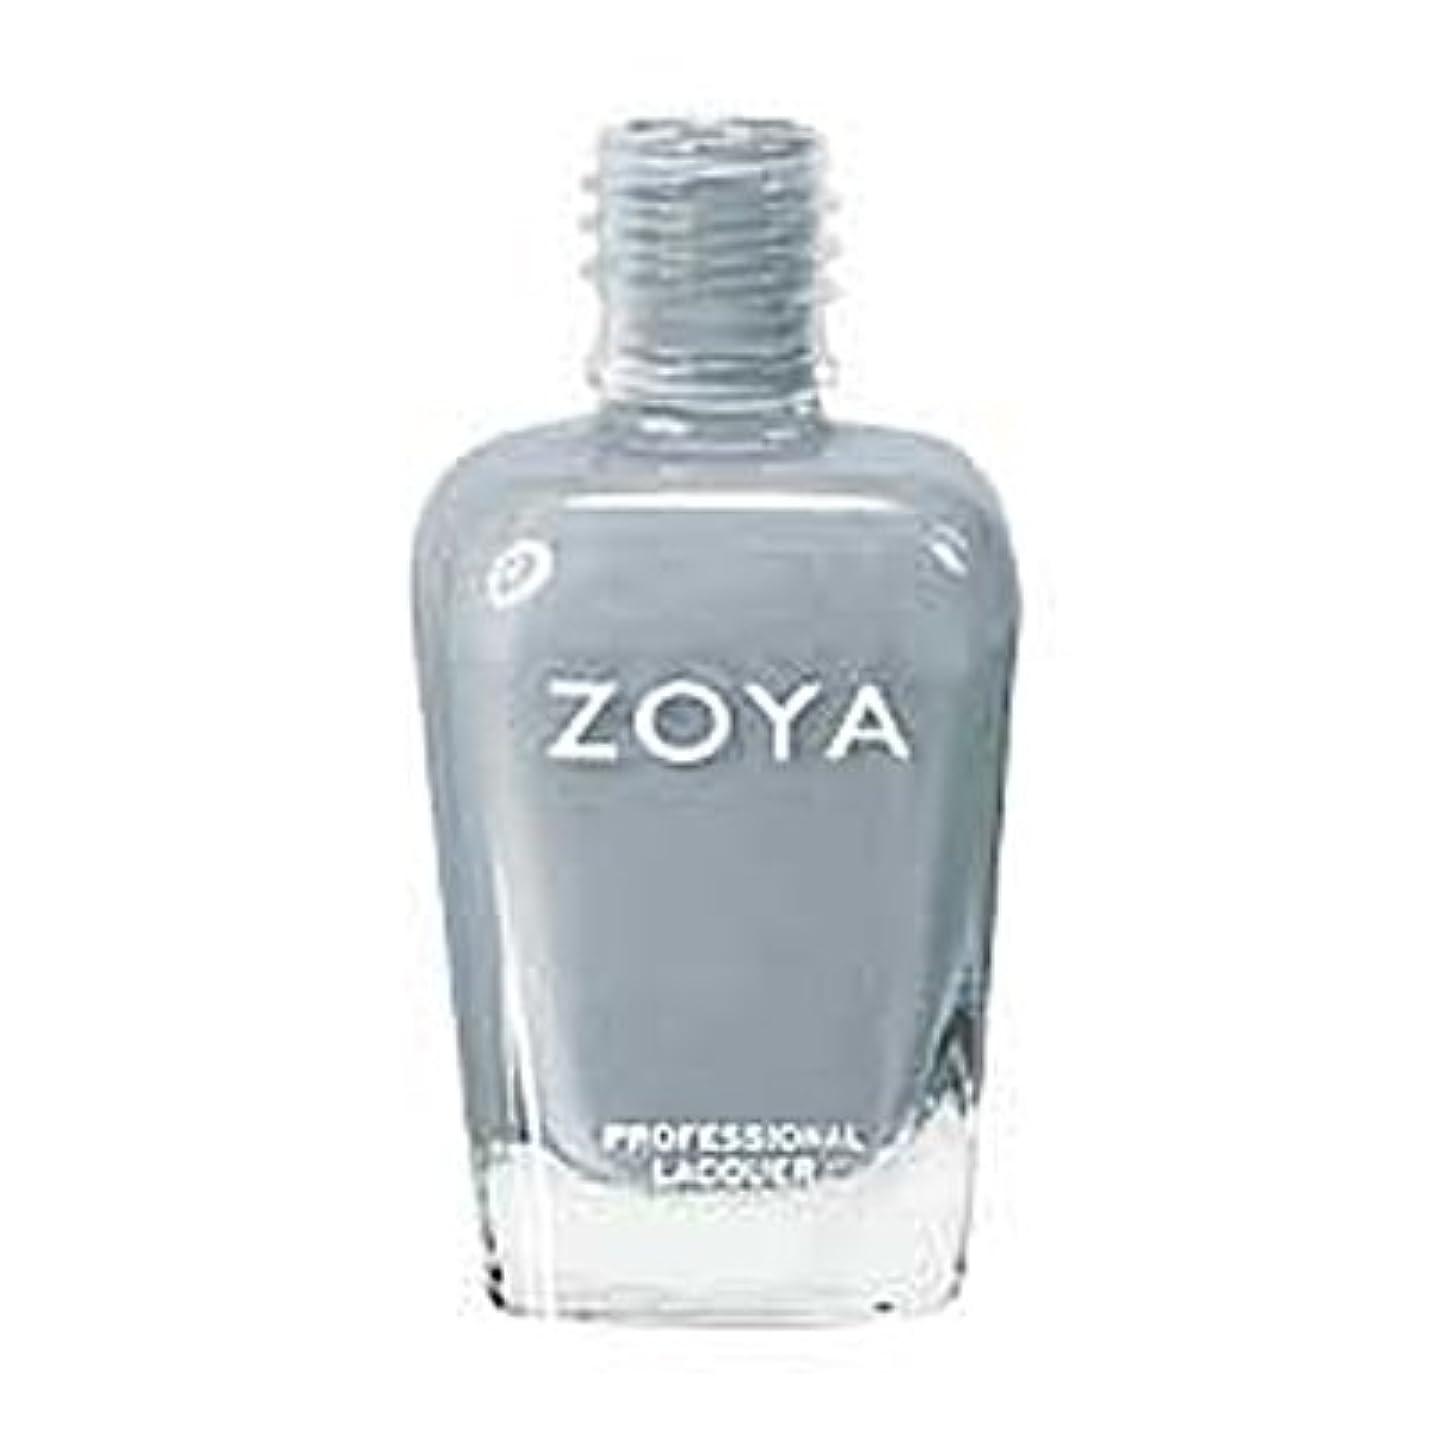 アパルかる対応[Zoya] ZP591 クリスティン [Feel Collection][並行輸入品][海外直送品]